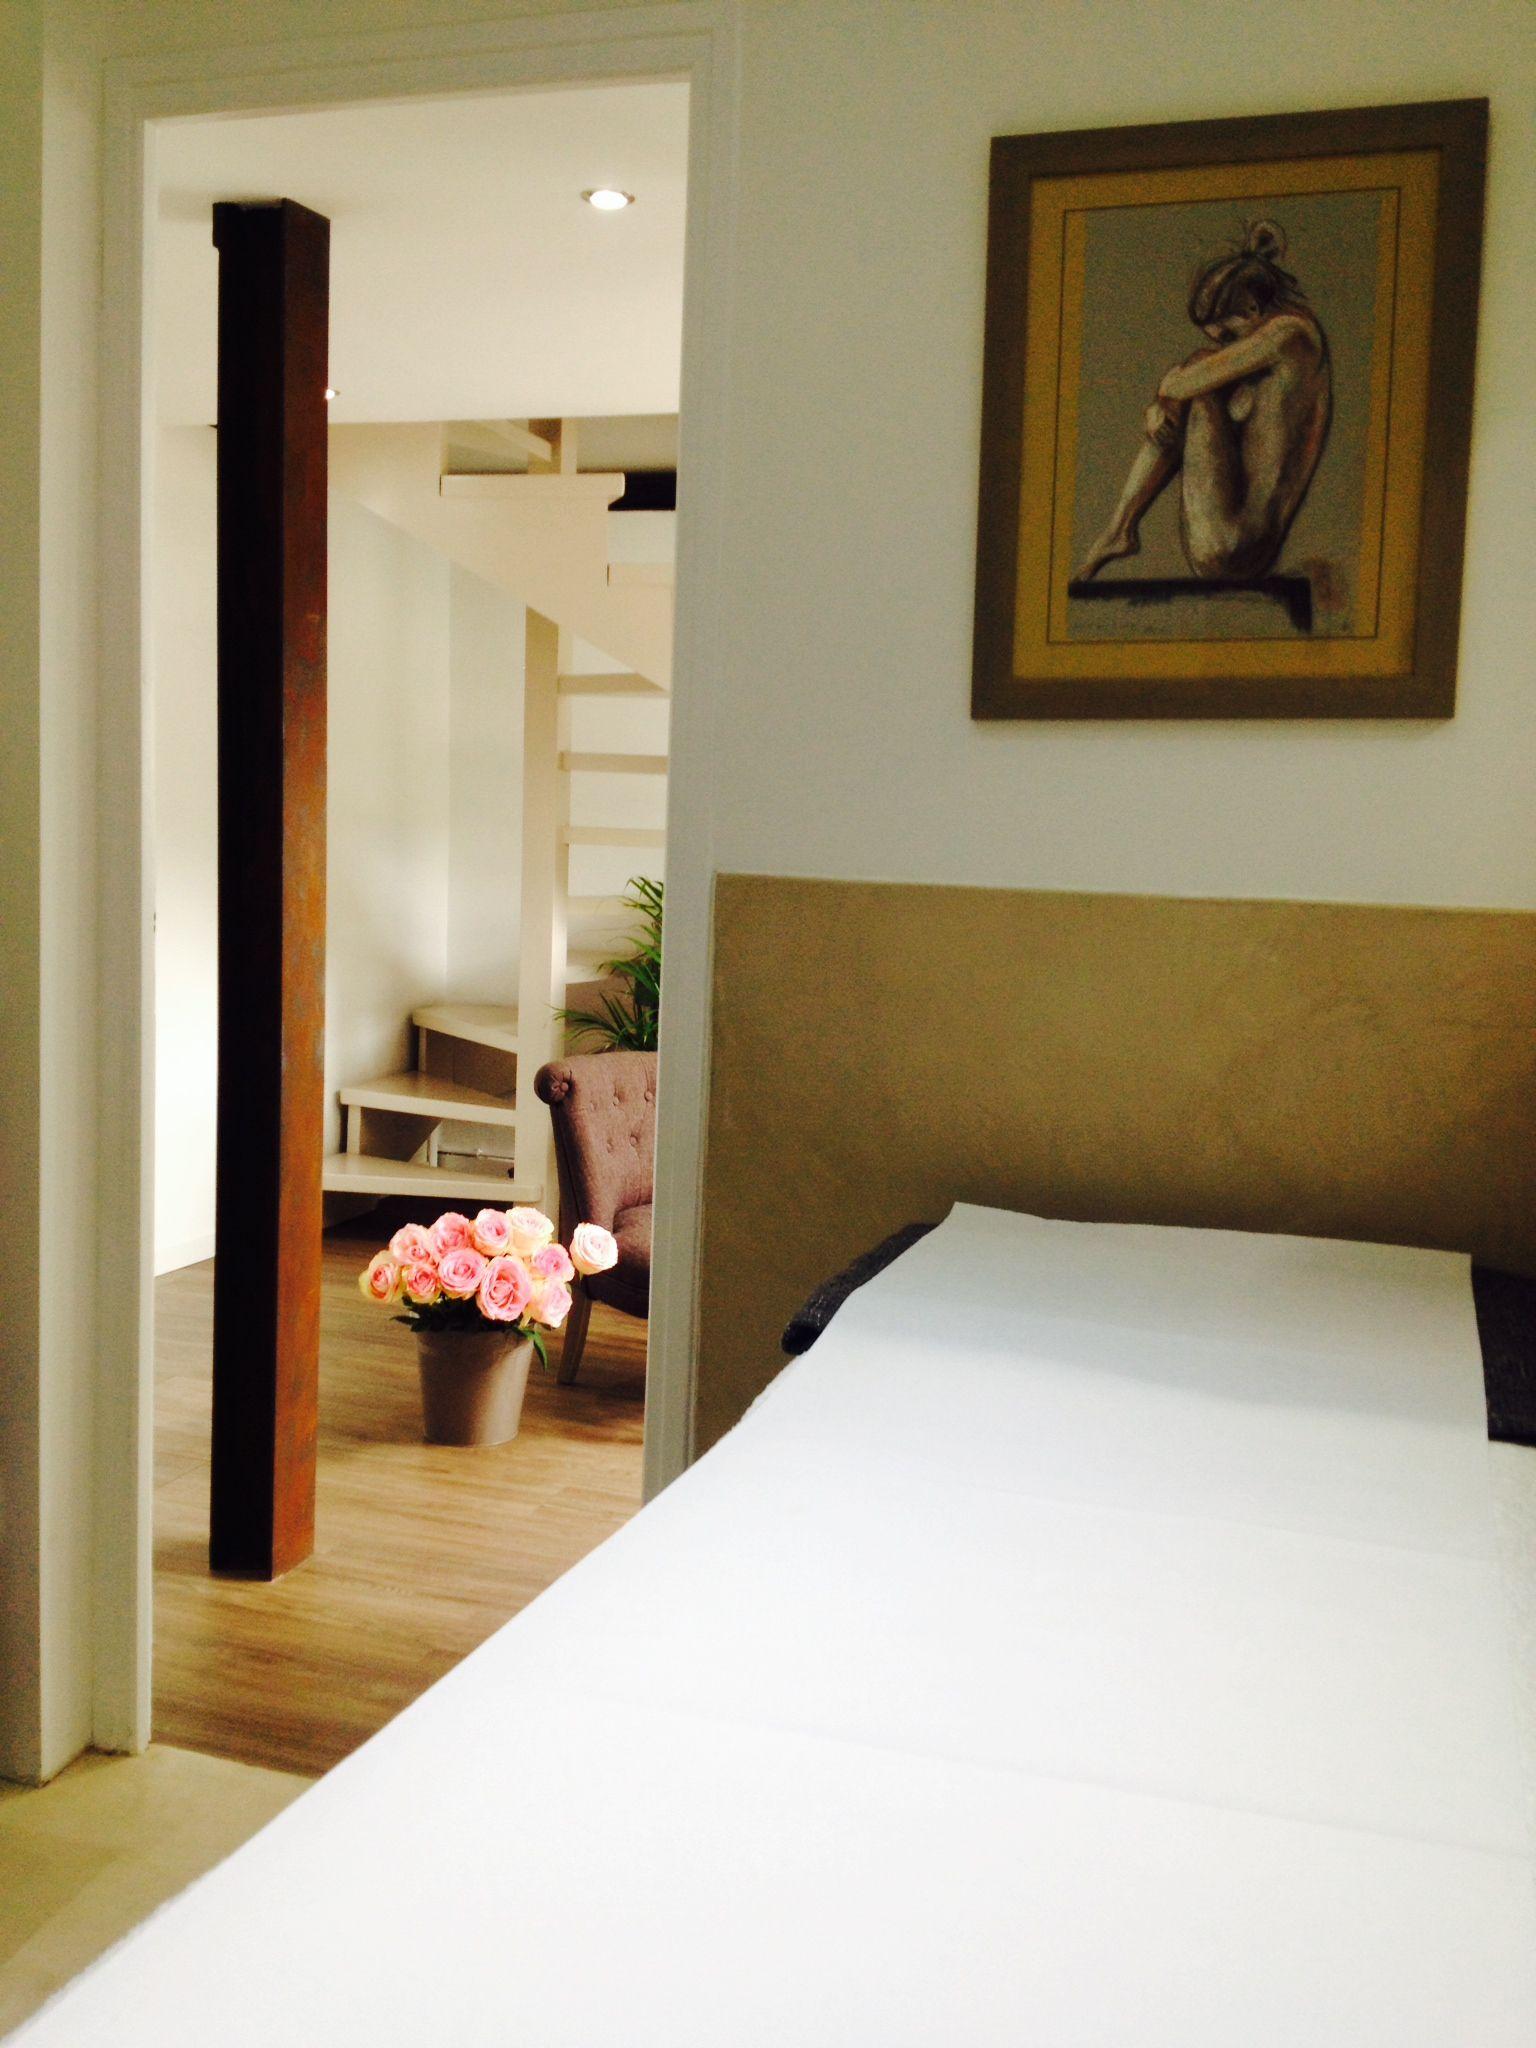 Nos cabines #beauté #soins #bien-être